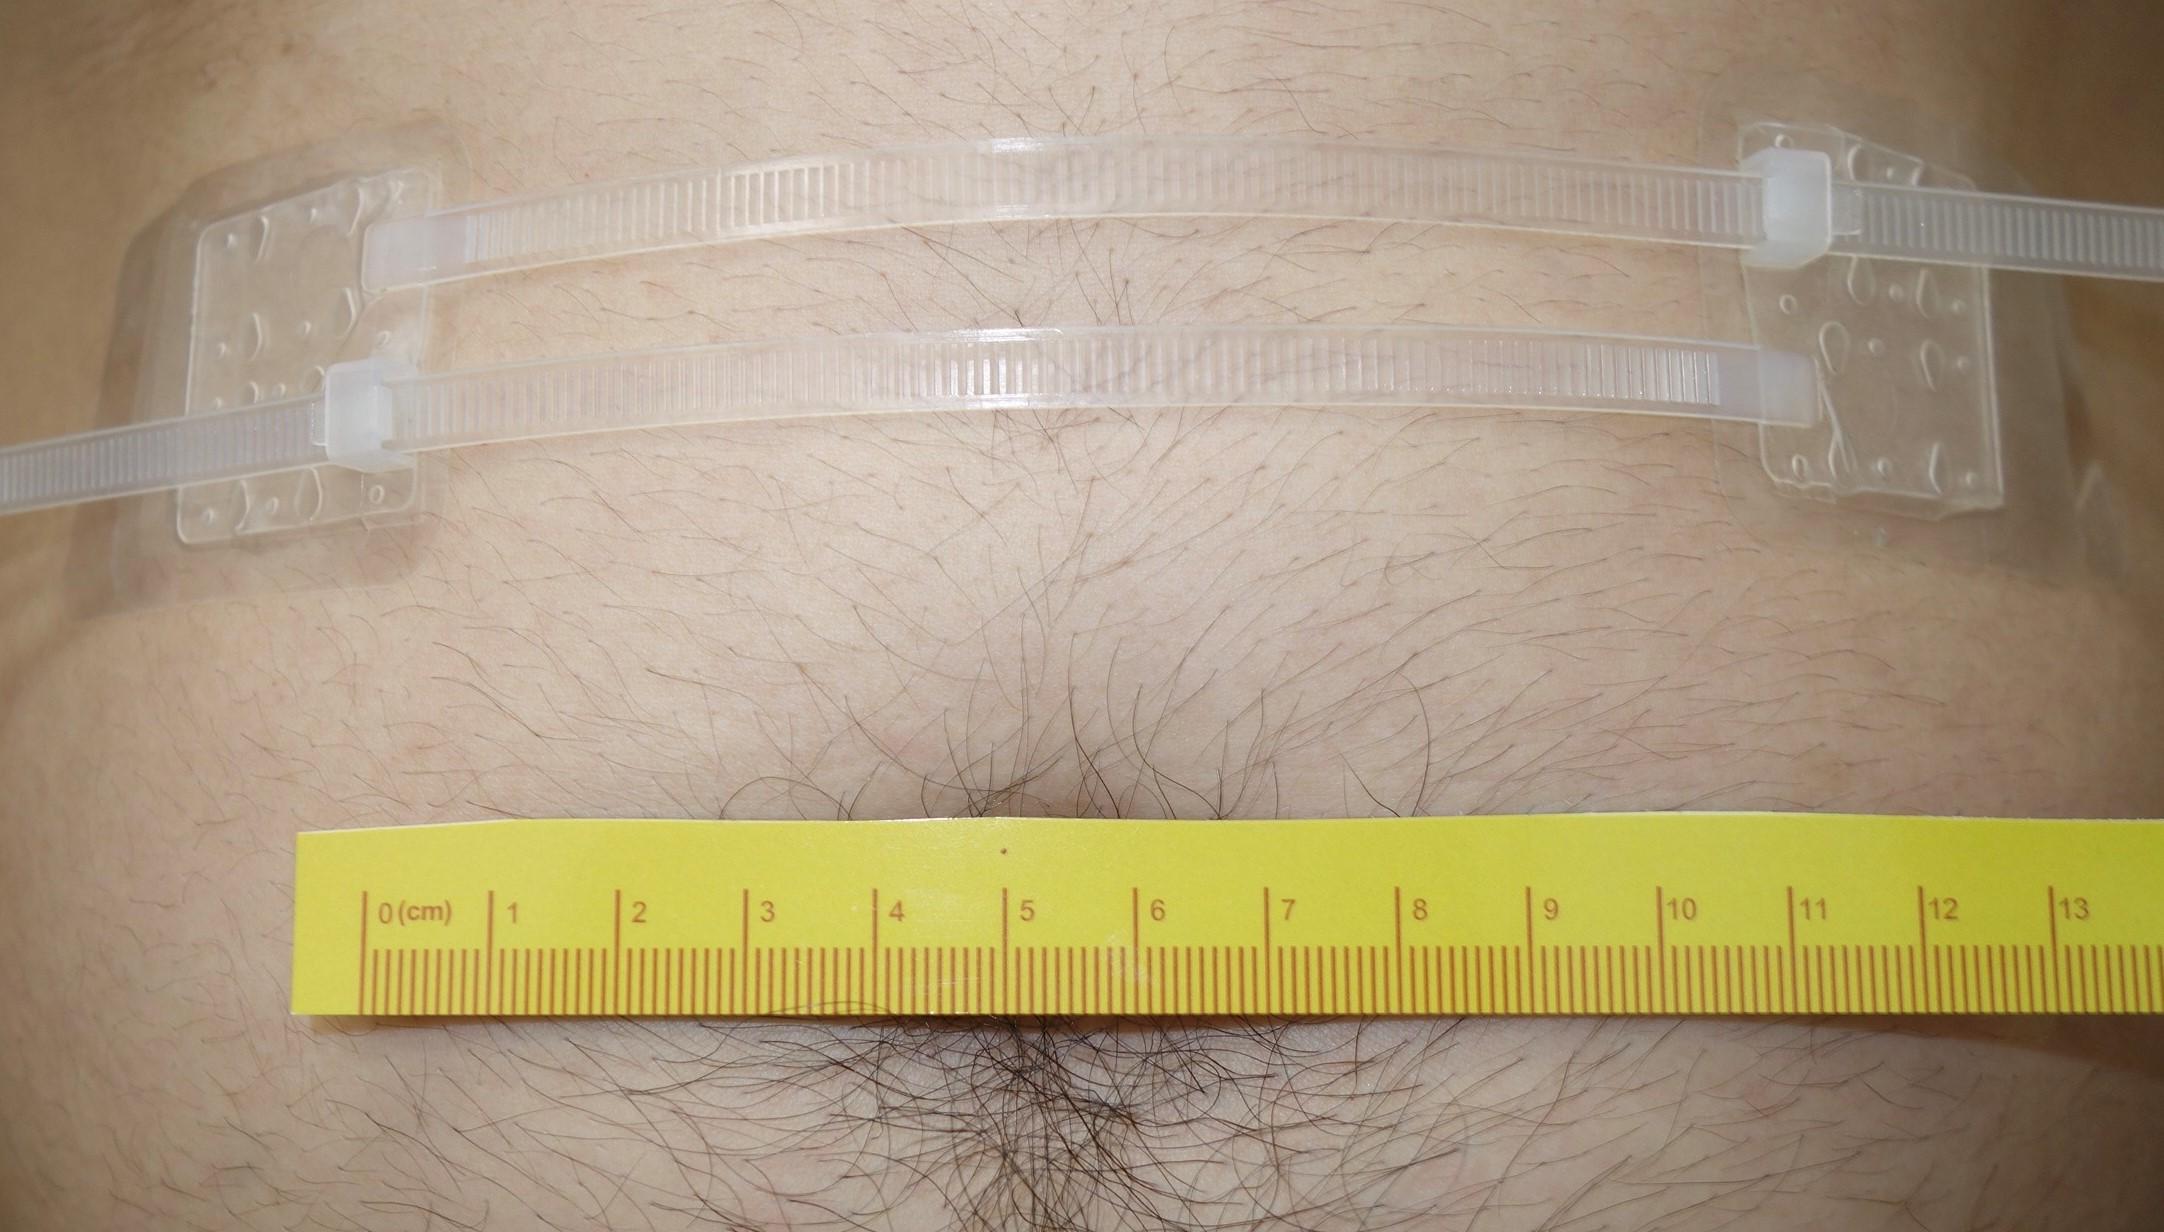 模擬手術後利用EZip™協助皮膚傷口(11公分寬)之閉合(含防水敷料)